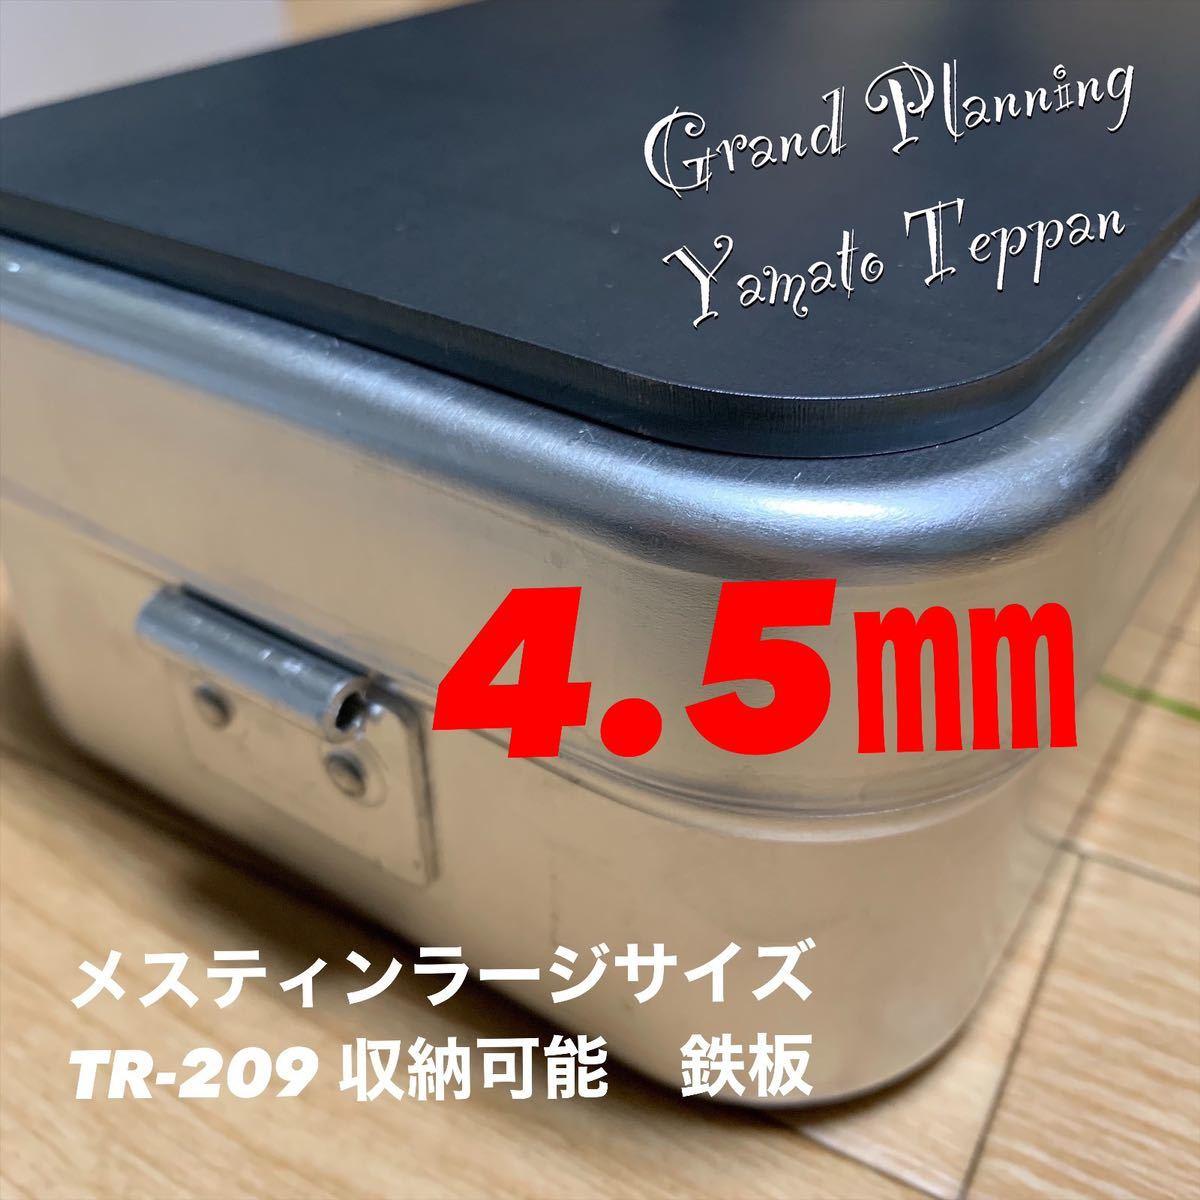 トランギア メスティン ラージ 収納サイズ 4.5ミリ 鉄板 取手用スクレーパー マイクロファイバー収納袋